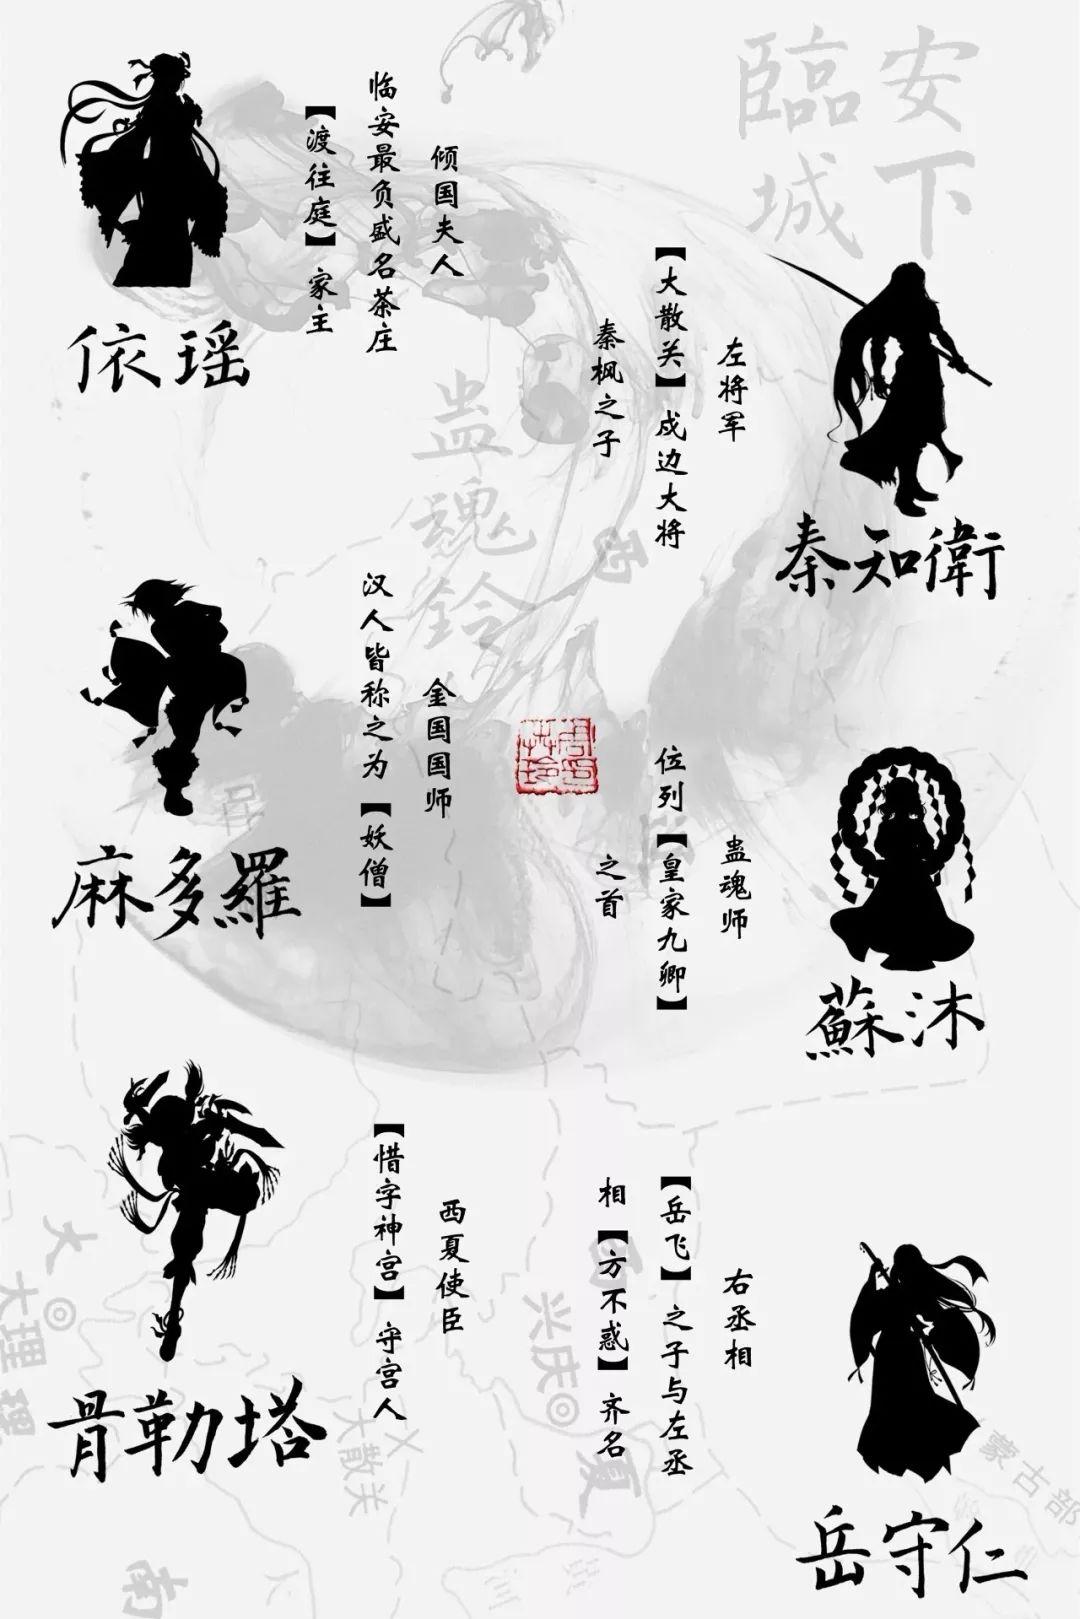 6人本《蛊魂铃2临安城下》剧本杀线索复盘真相剧透结局真凶手是谁?%-site_name